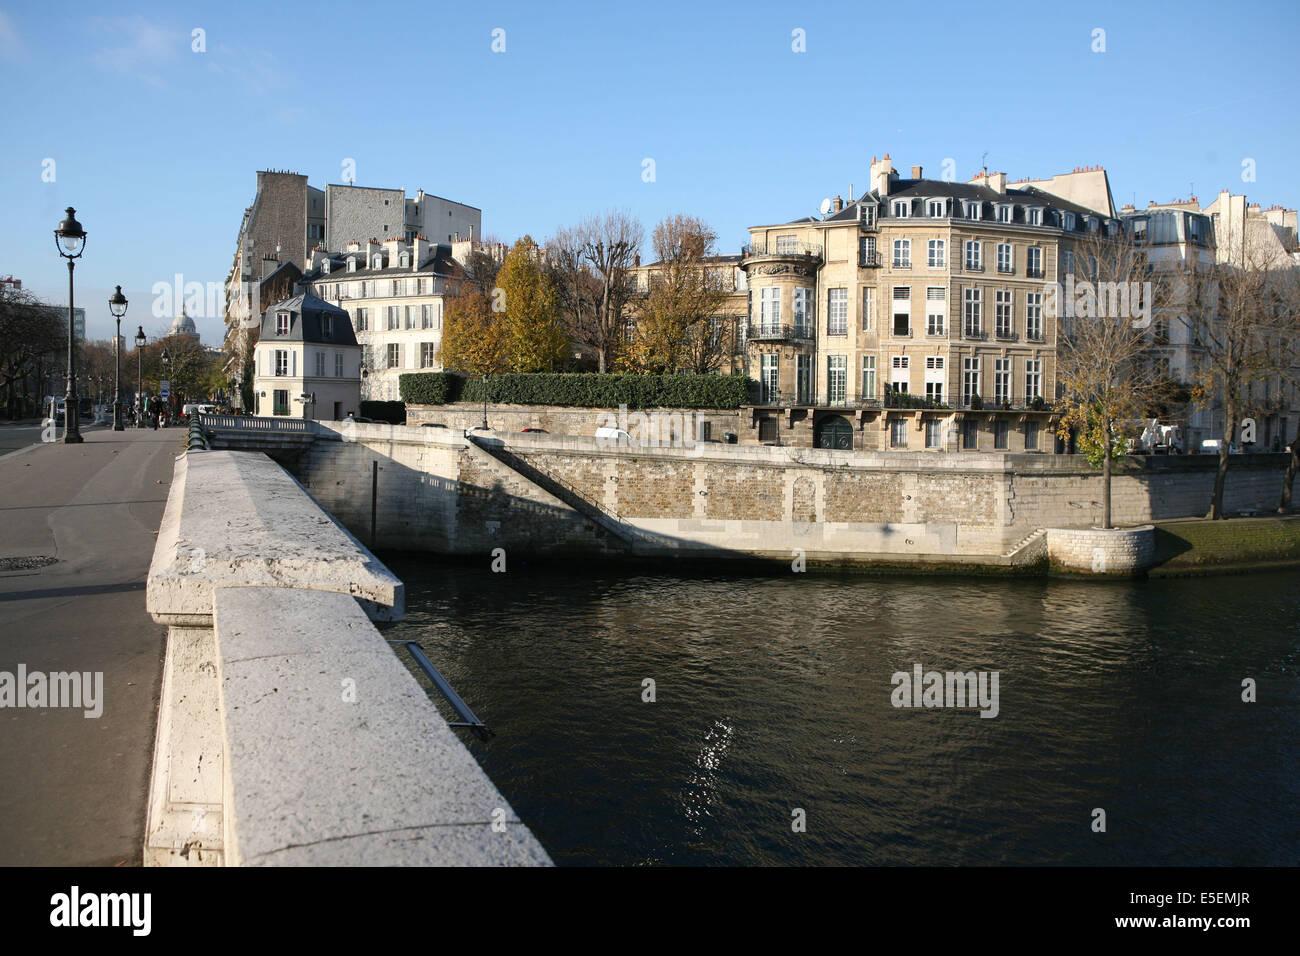 France, paris 4e, ile saint Louis, depuis le pont de sully, quai d'Anjou, hotel Lambert le seine, - Stock Image